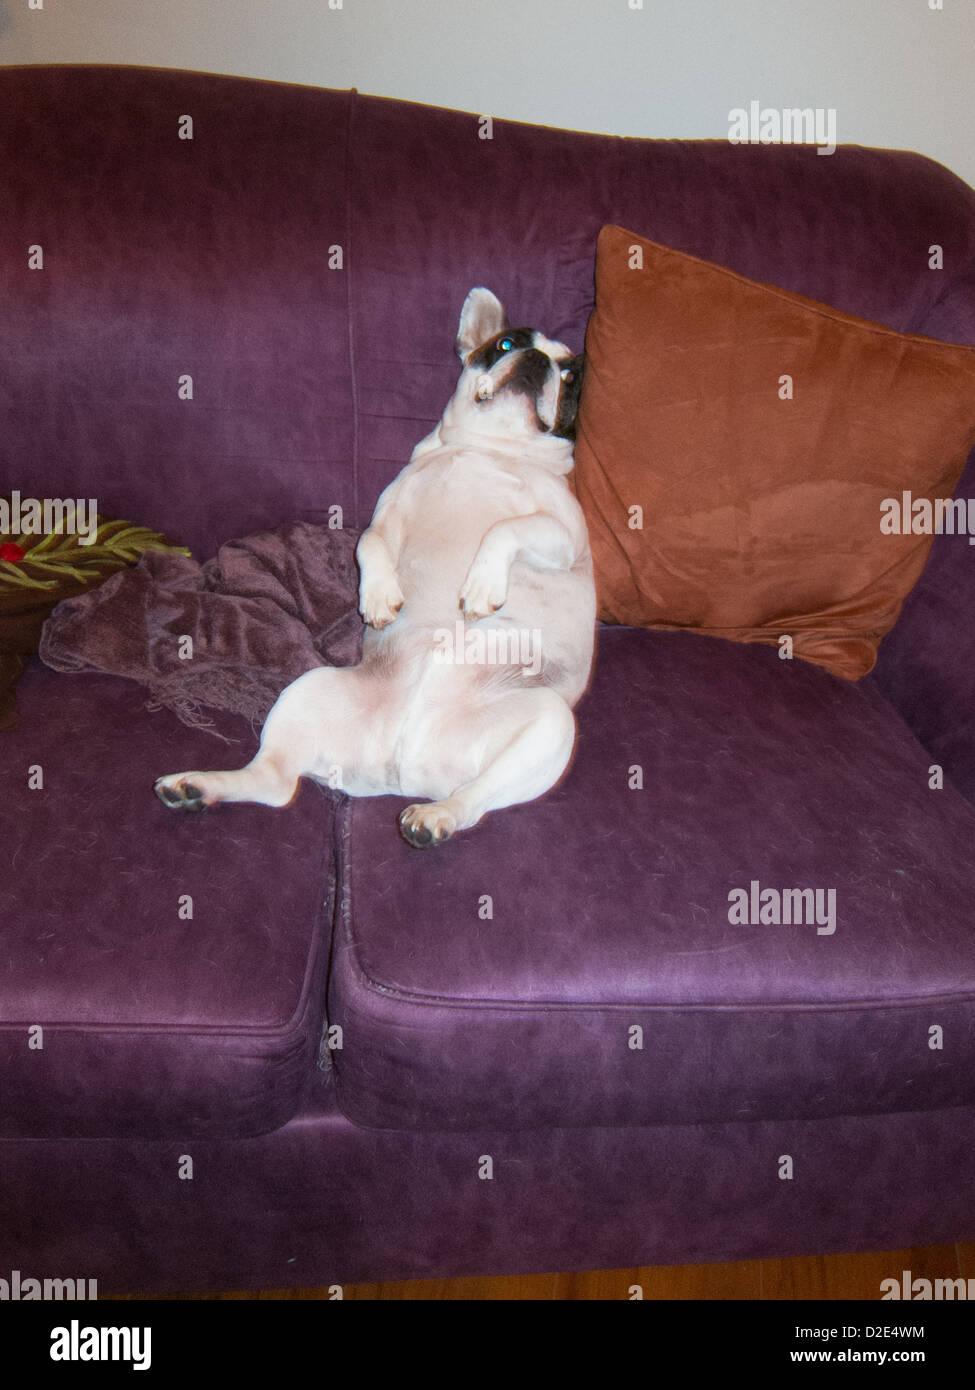 Französische Bulldogge entspannend wie ein Mensch auf dem Sofa. Stockbild